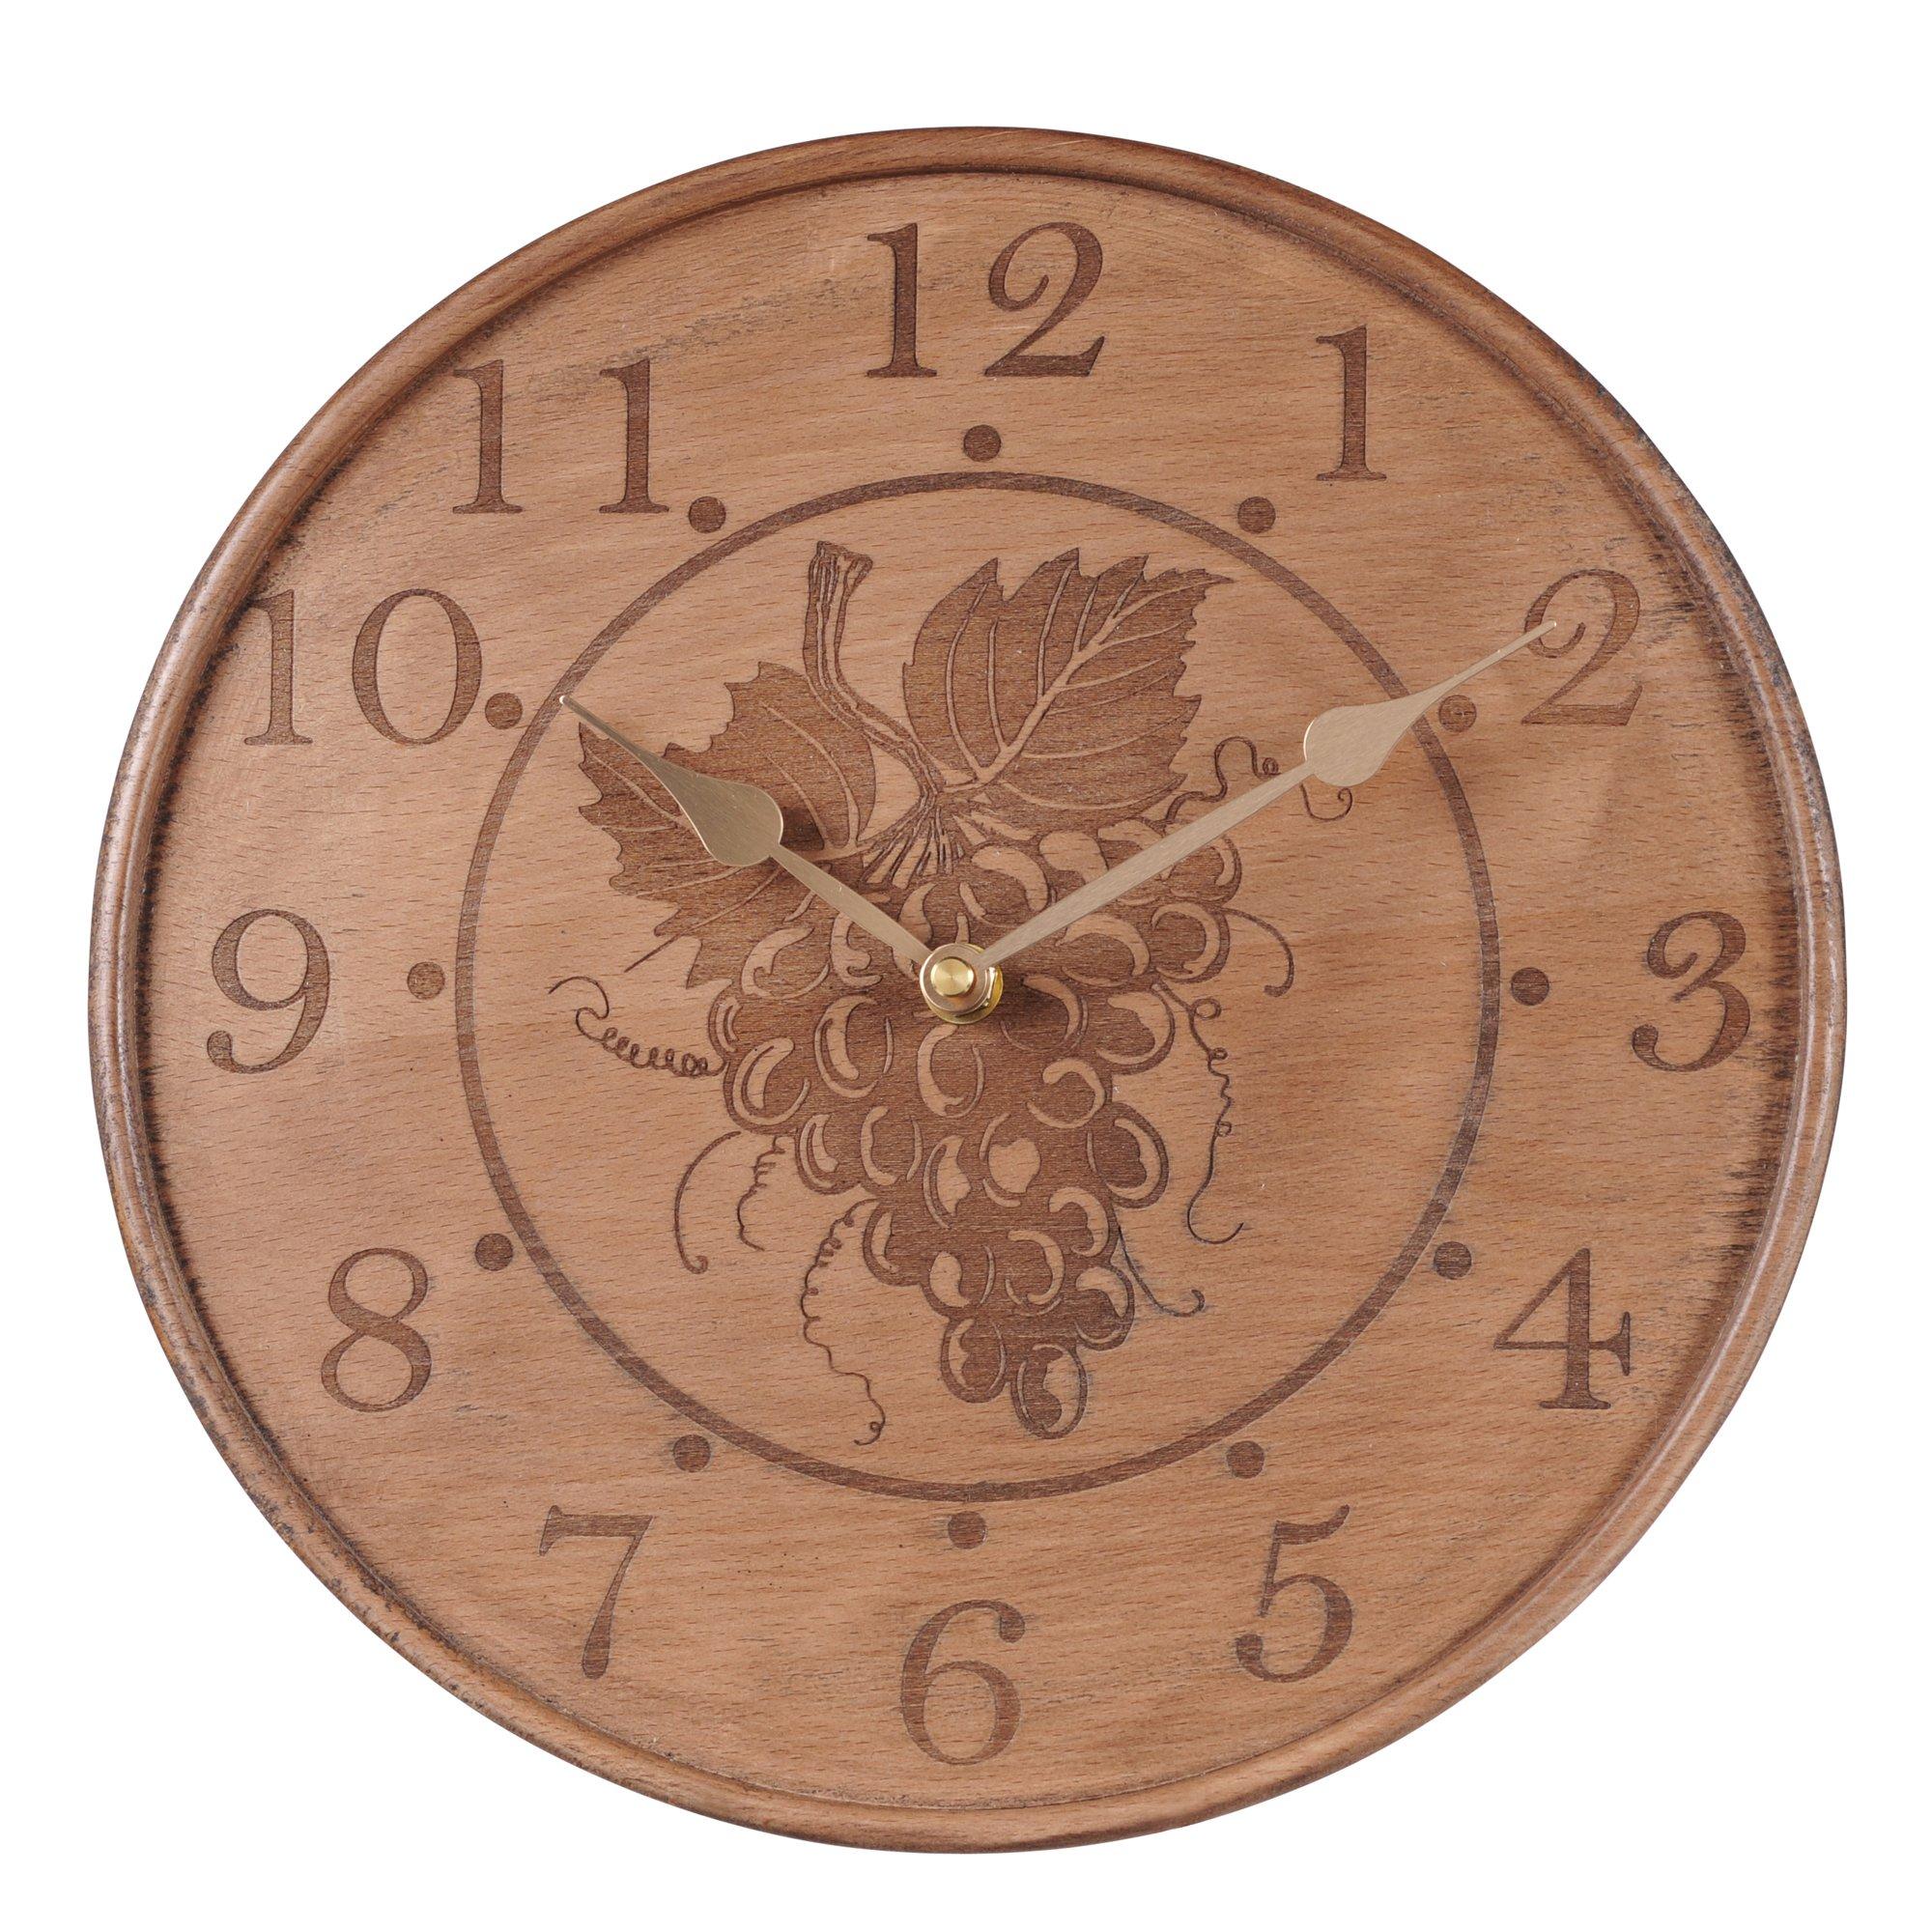 Grasslands Road 2-Pack In Vino Veritas Carved Grapes Wooden Clock, 11-Inch by Grasslands Road